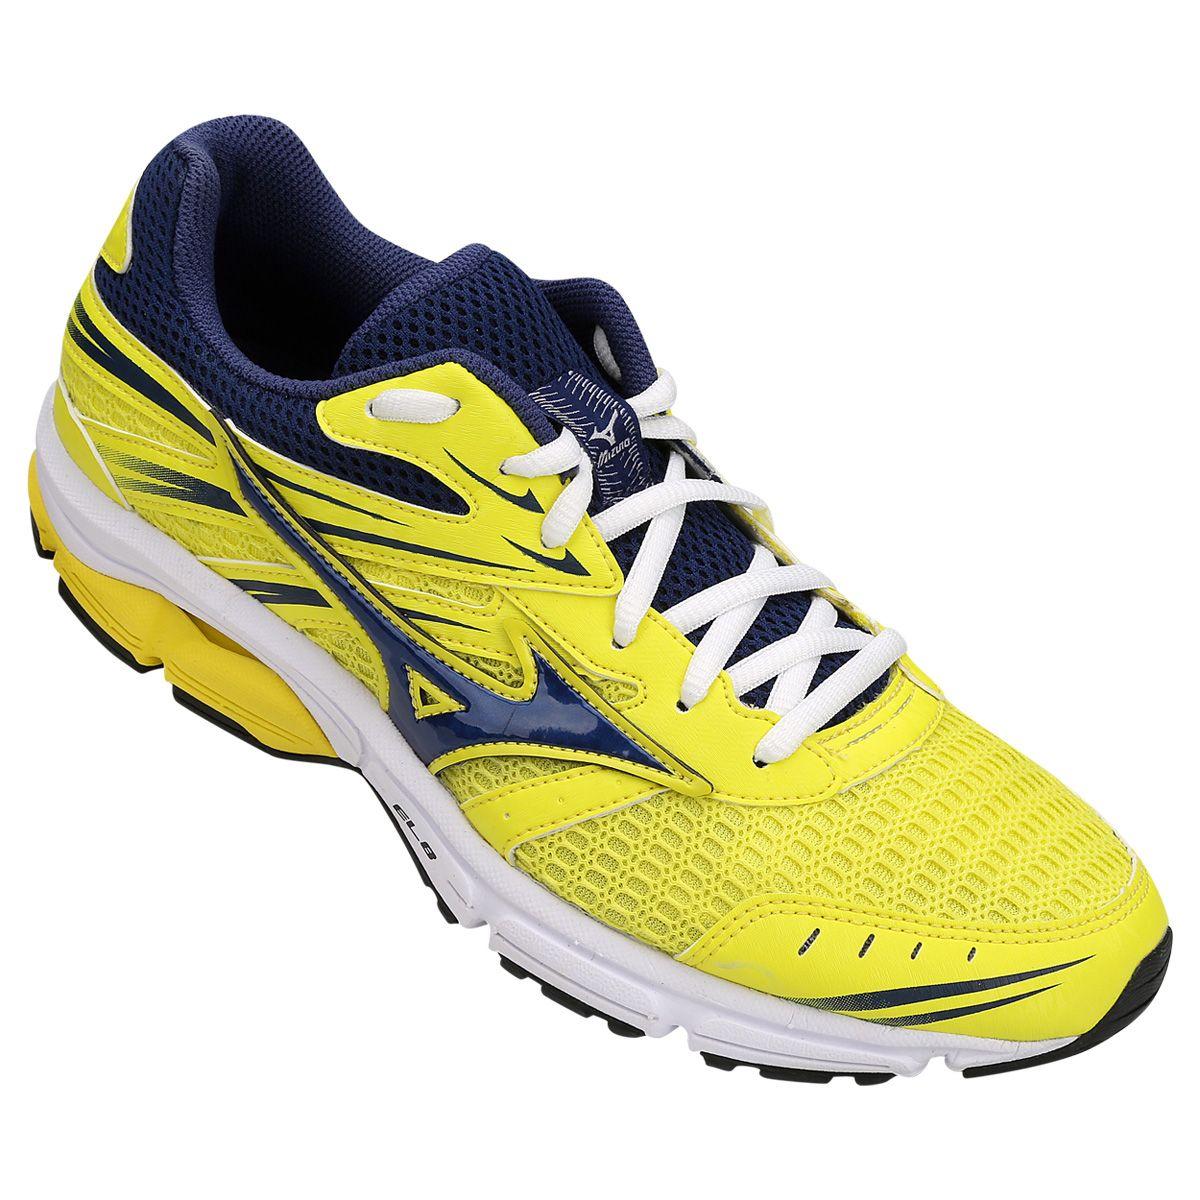 0f71c0d8551ca Tênis Mizuno Wave Zest Masculino - Amarelo e Azul | Comprinhas